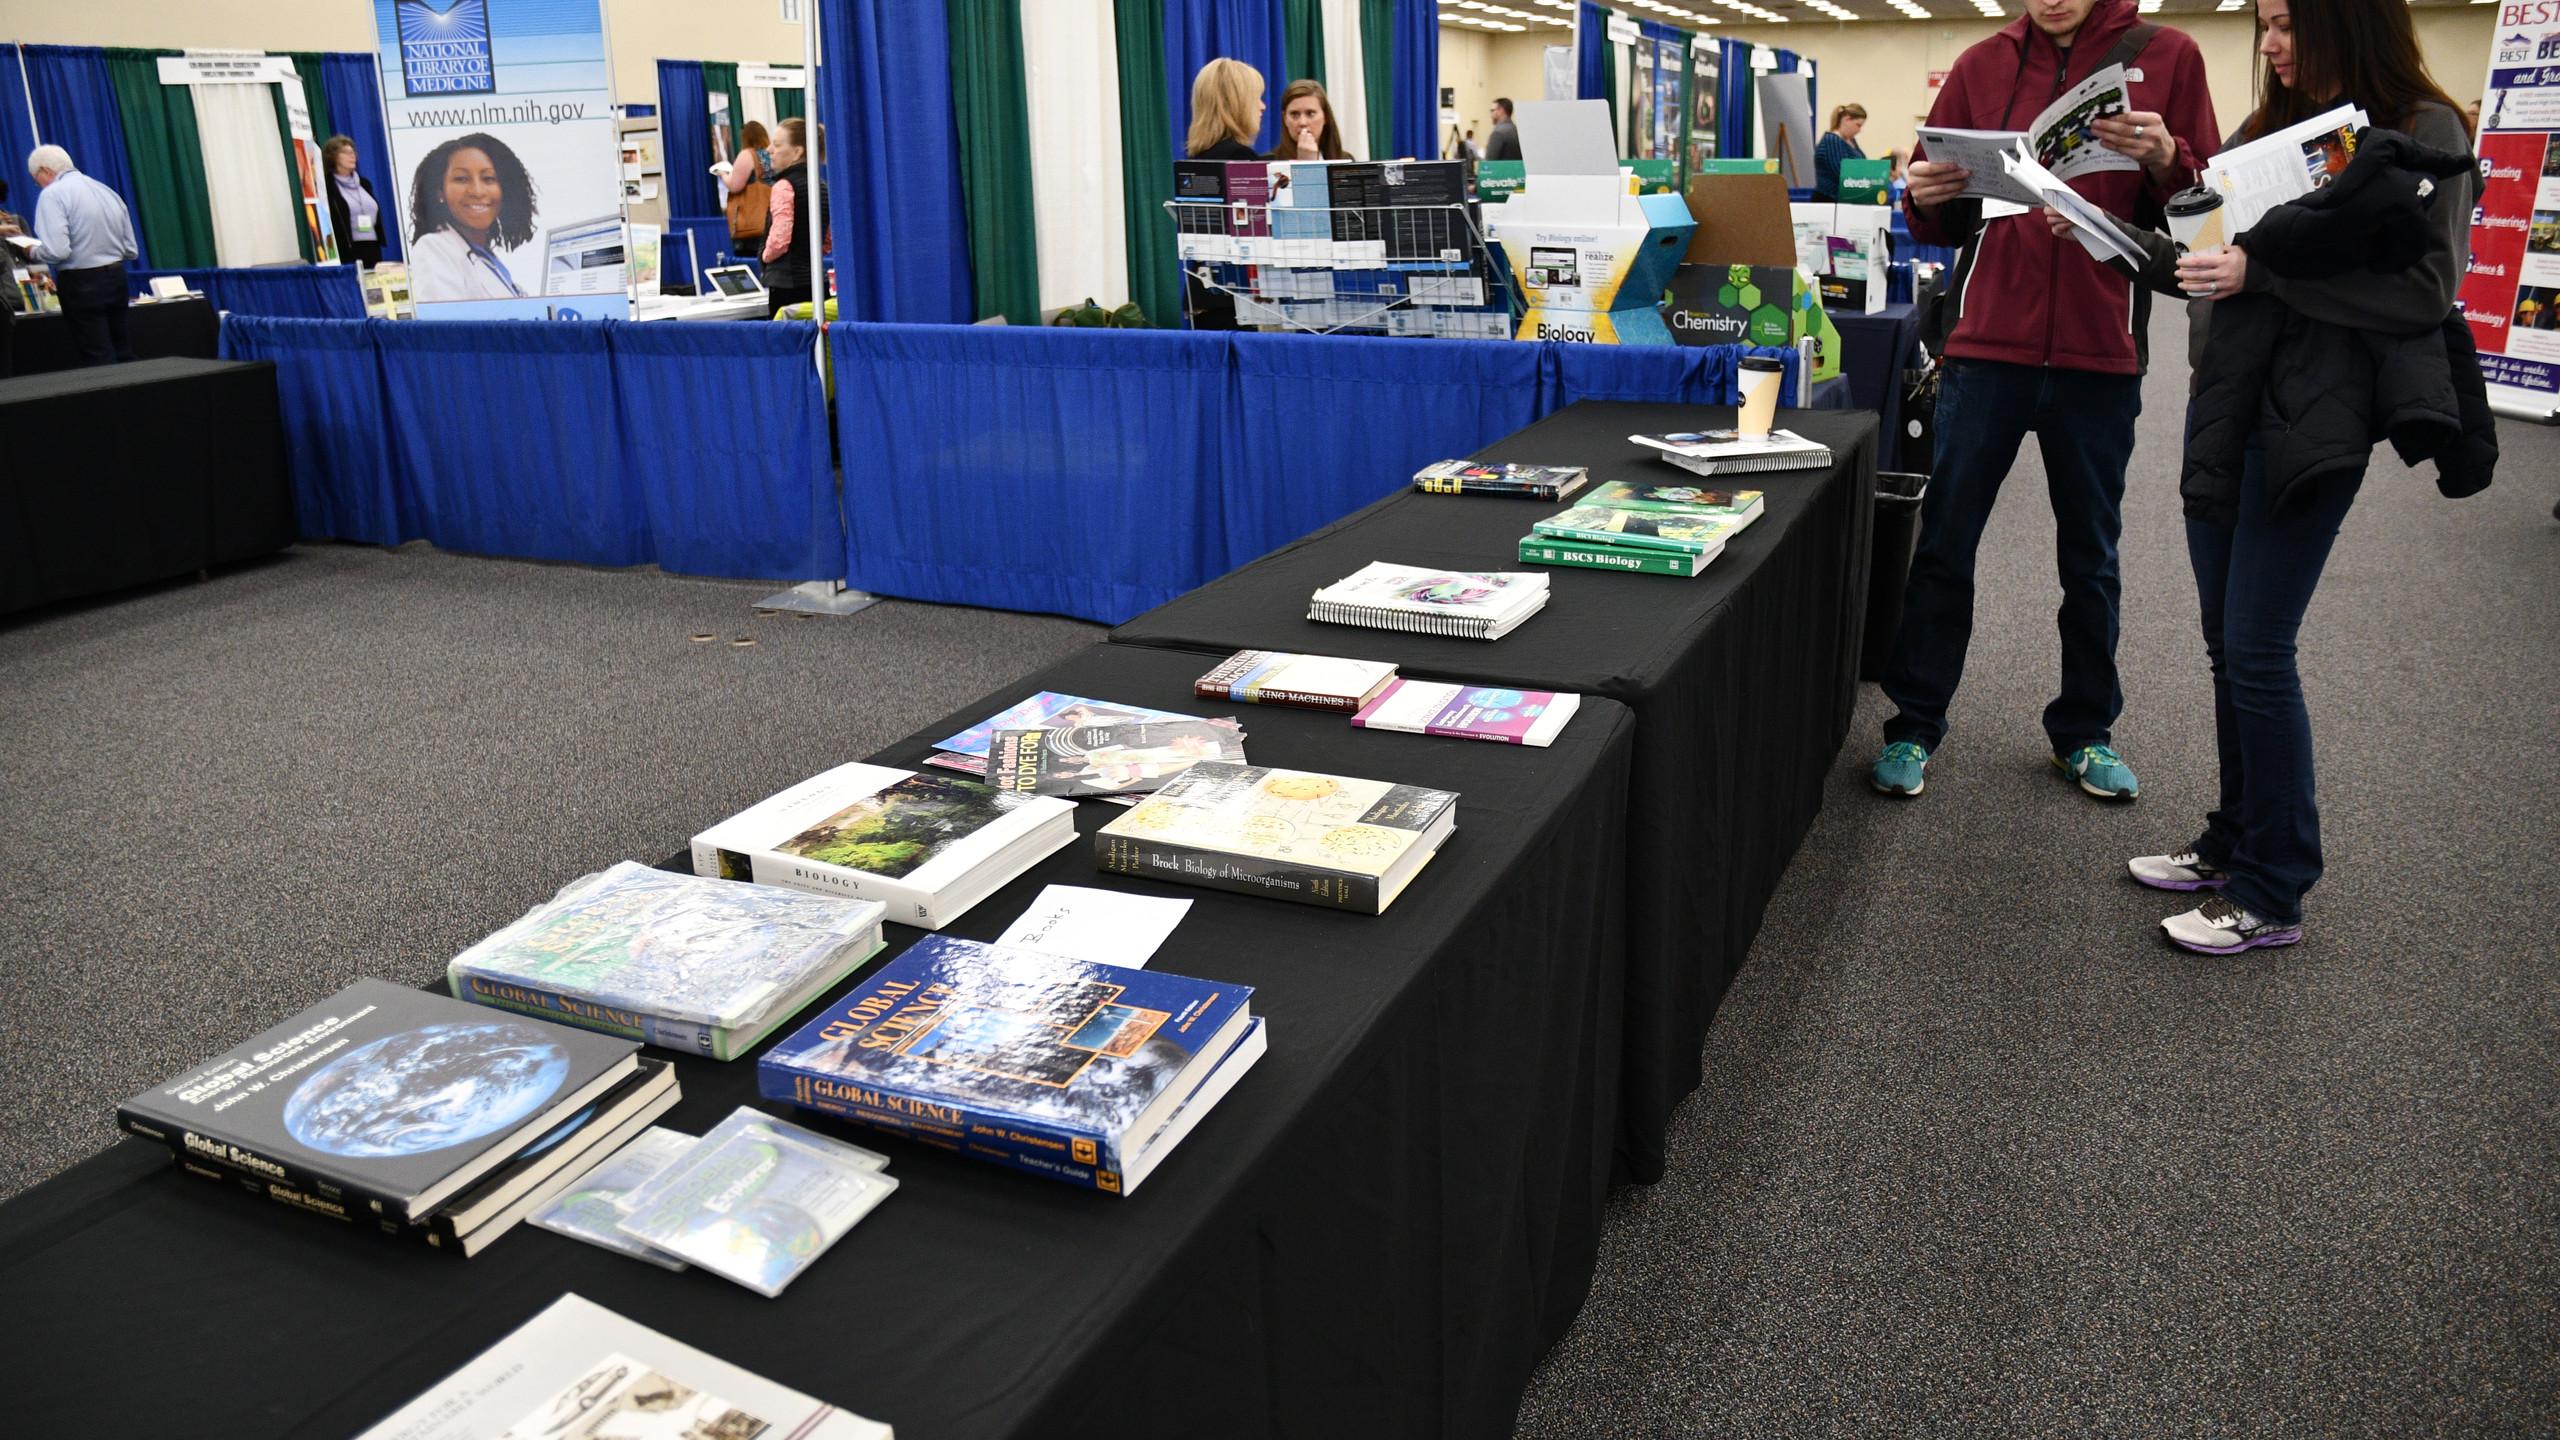 Textbooks on display